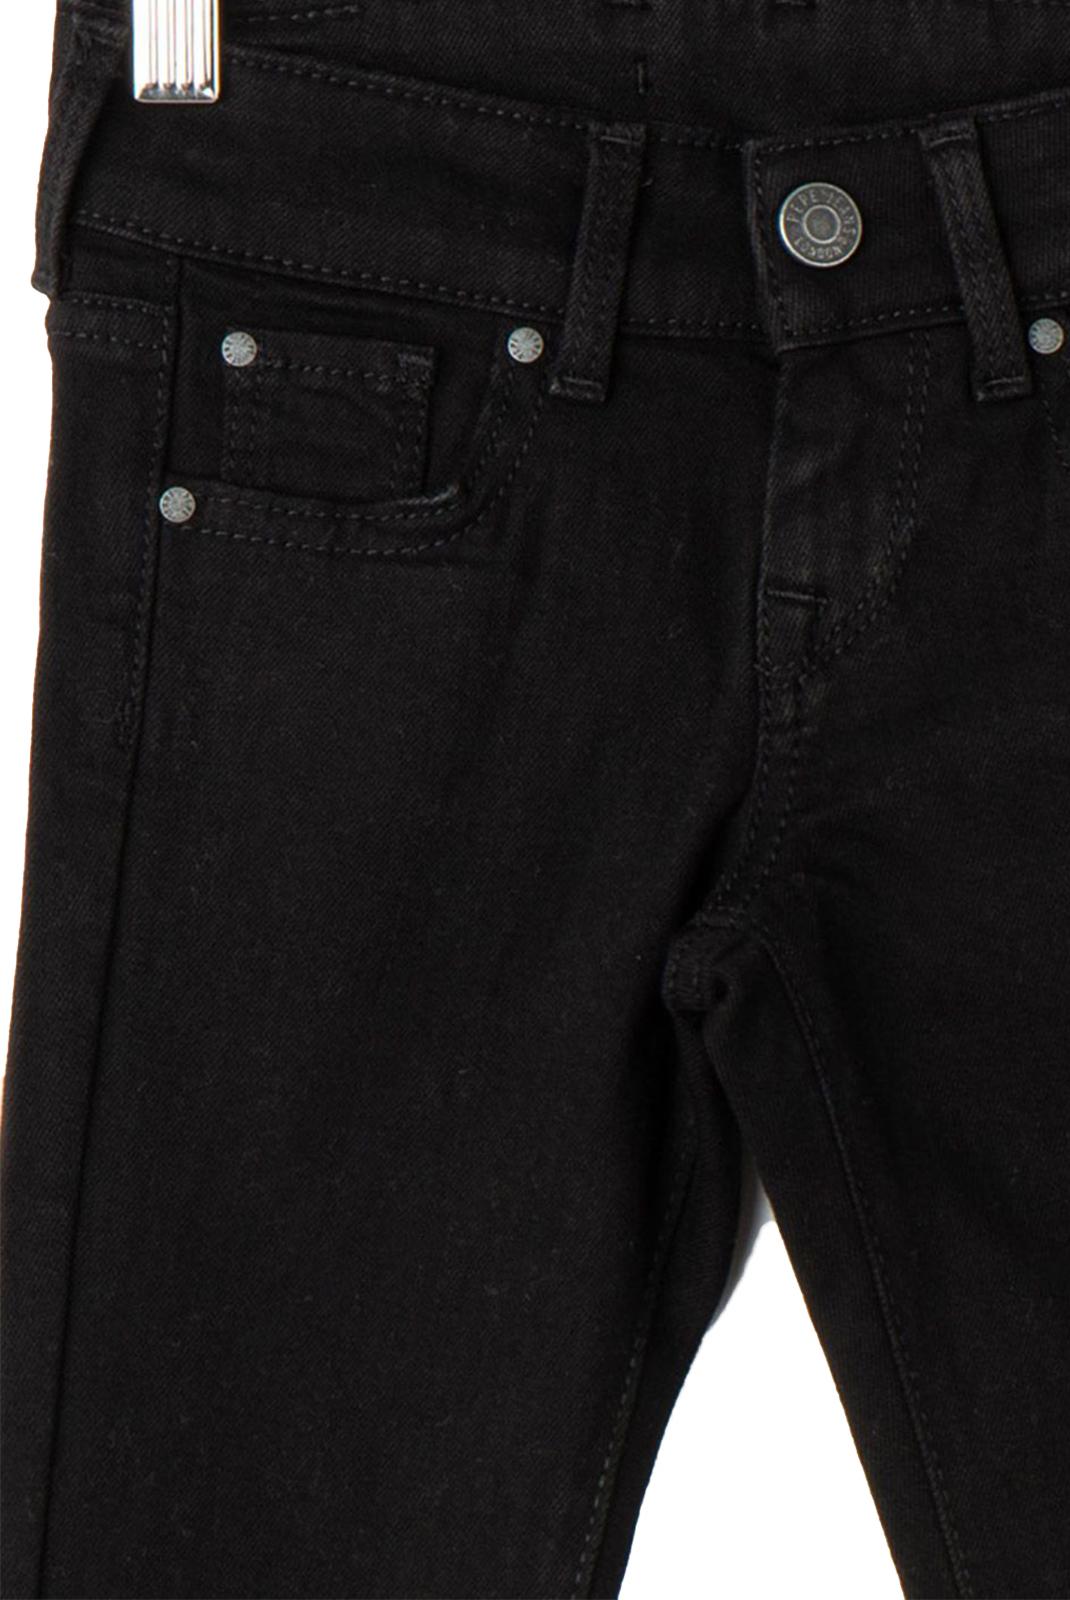 Bas  Pepe jeans PG200241P97 new saber noir